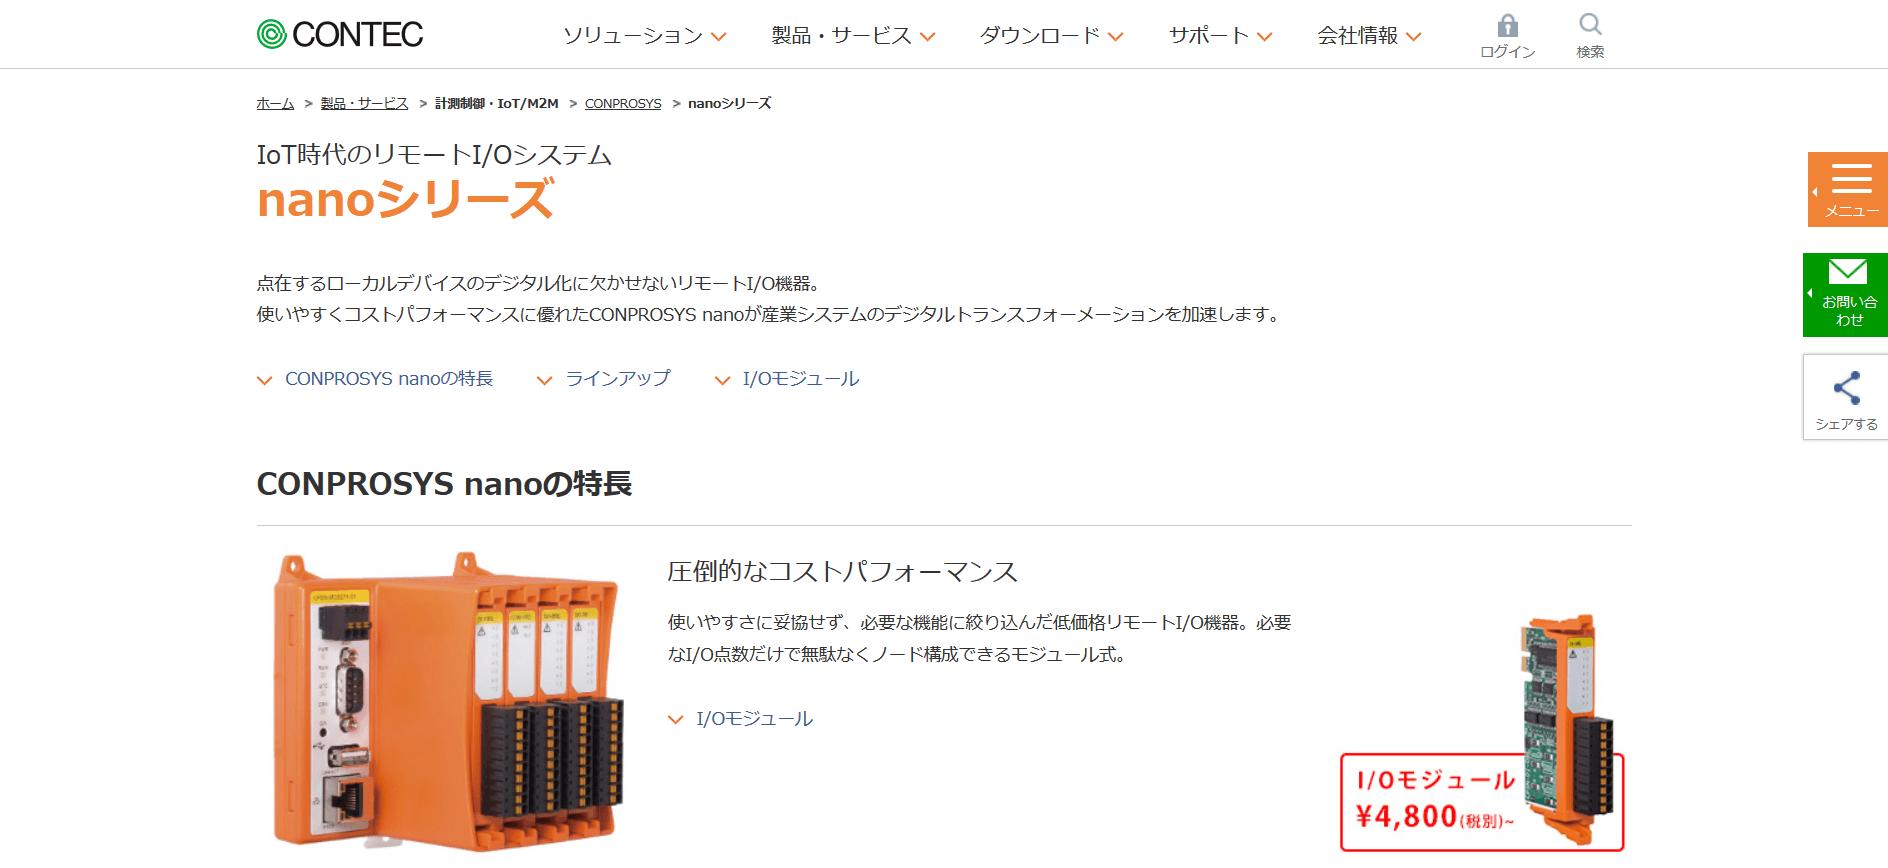 カプラユニット プログラマブル・リモートI/O